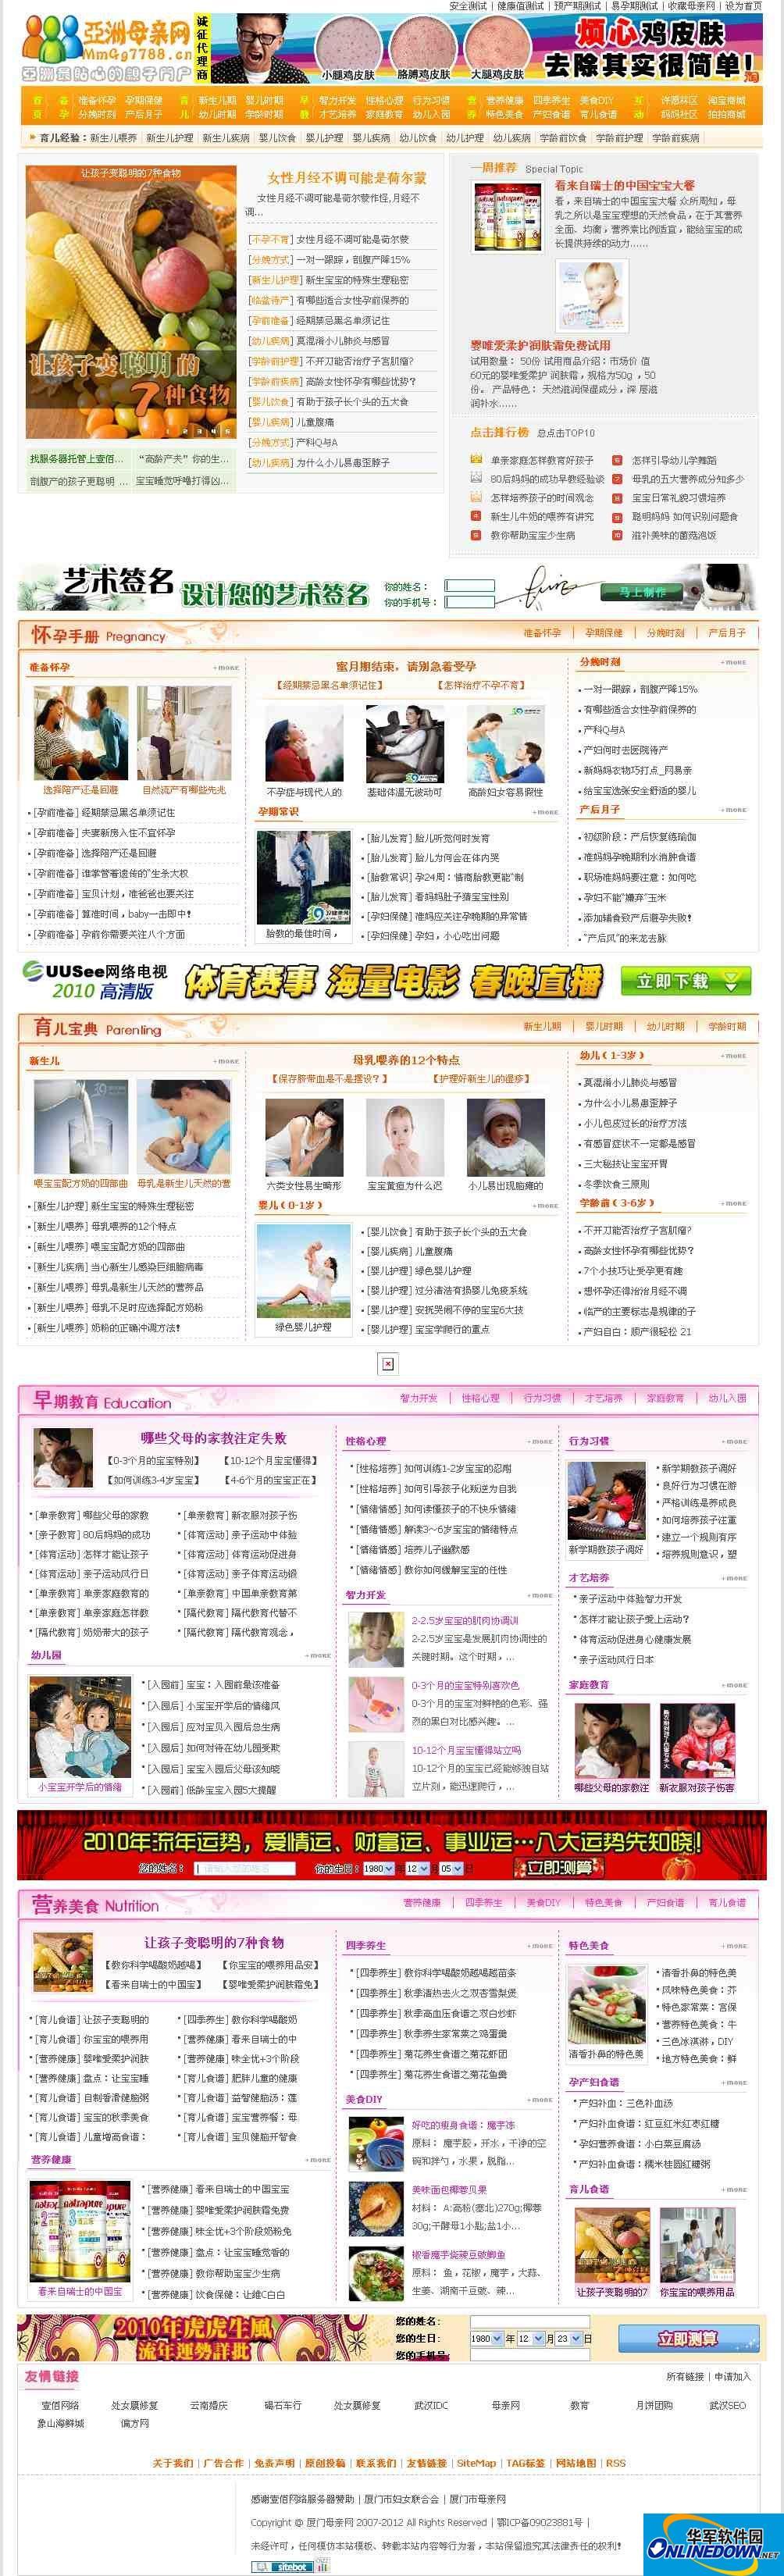 亚洲妈妈网源码 PC版